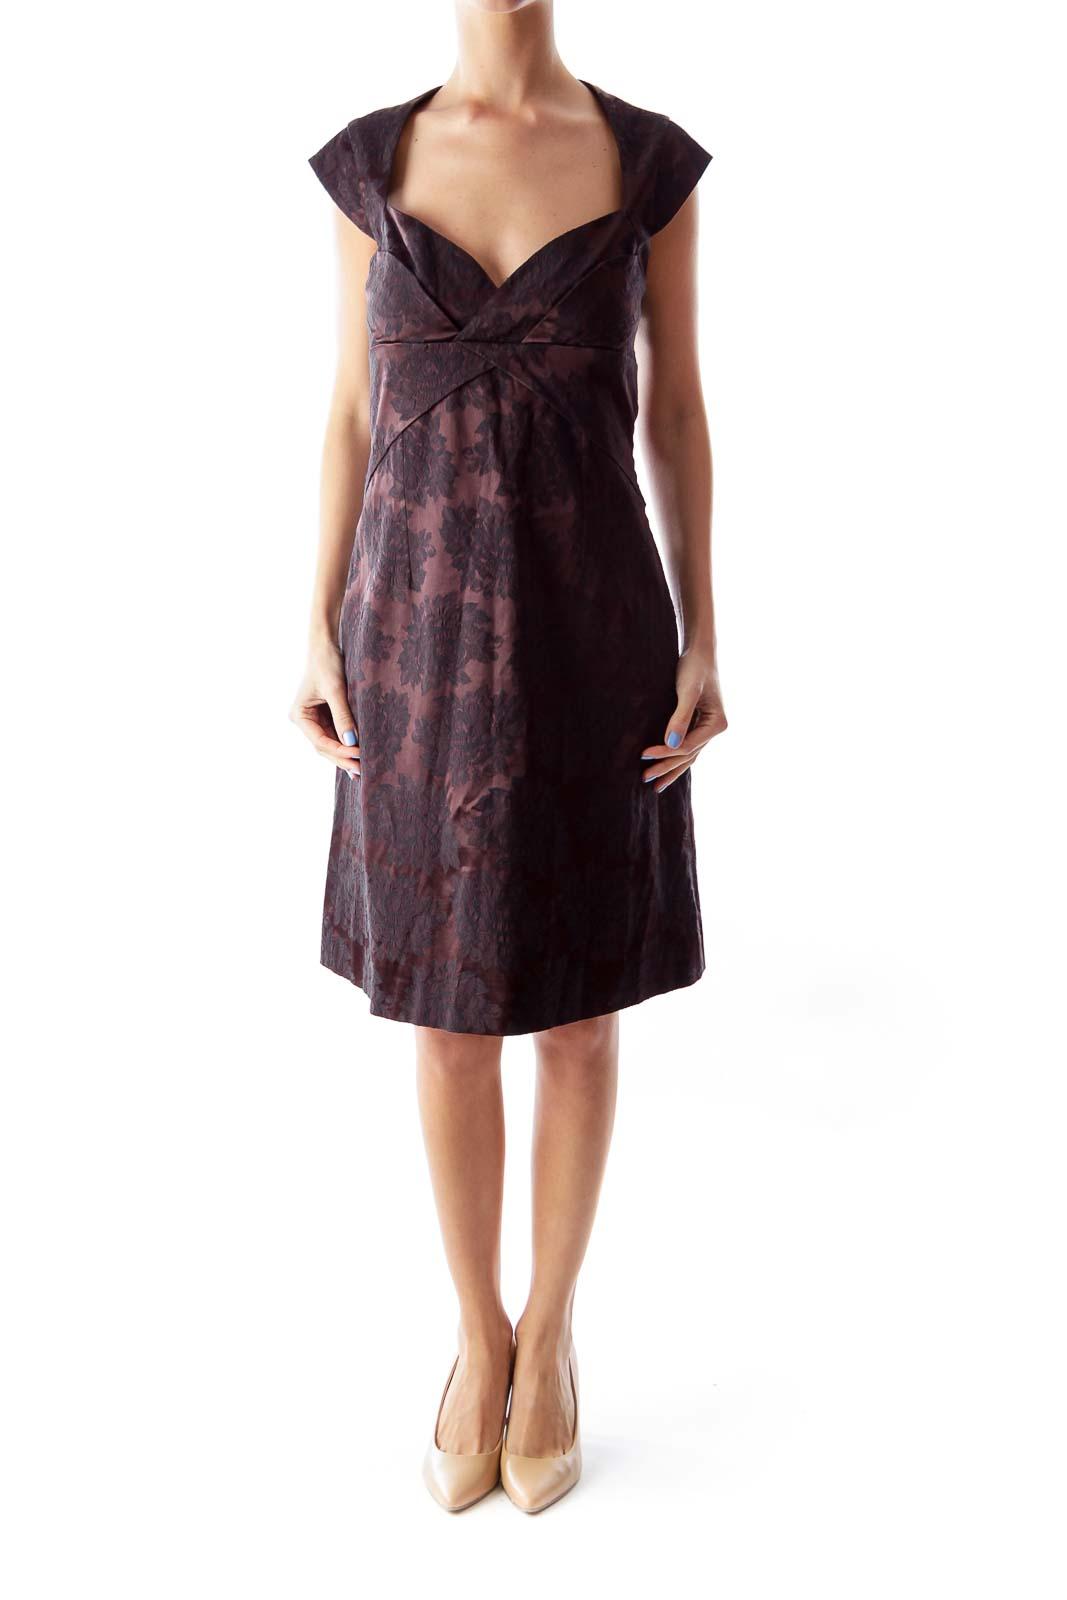 Brown & Black Lace Dress